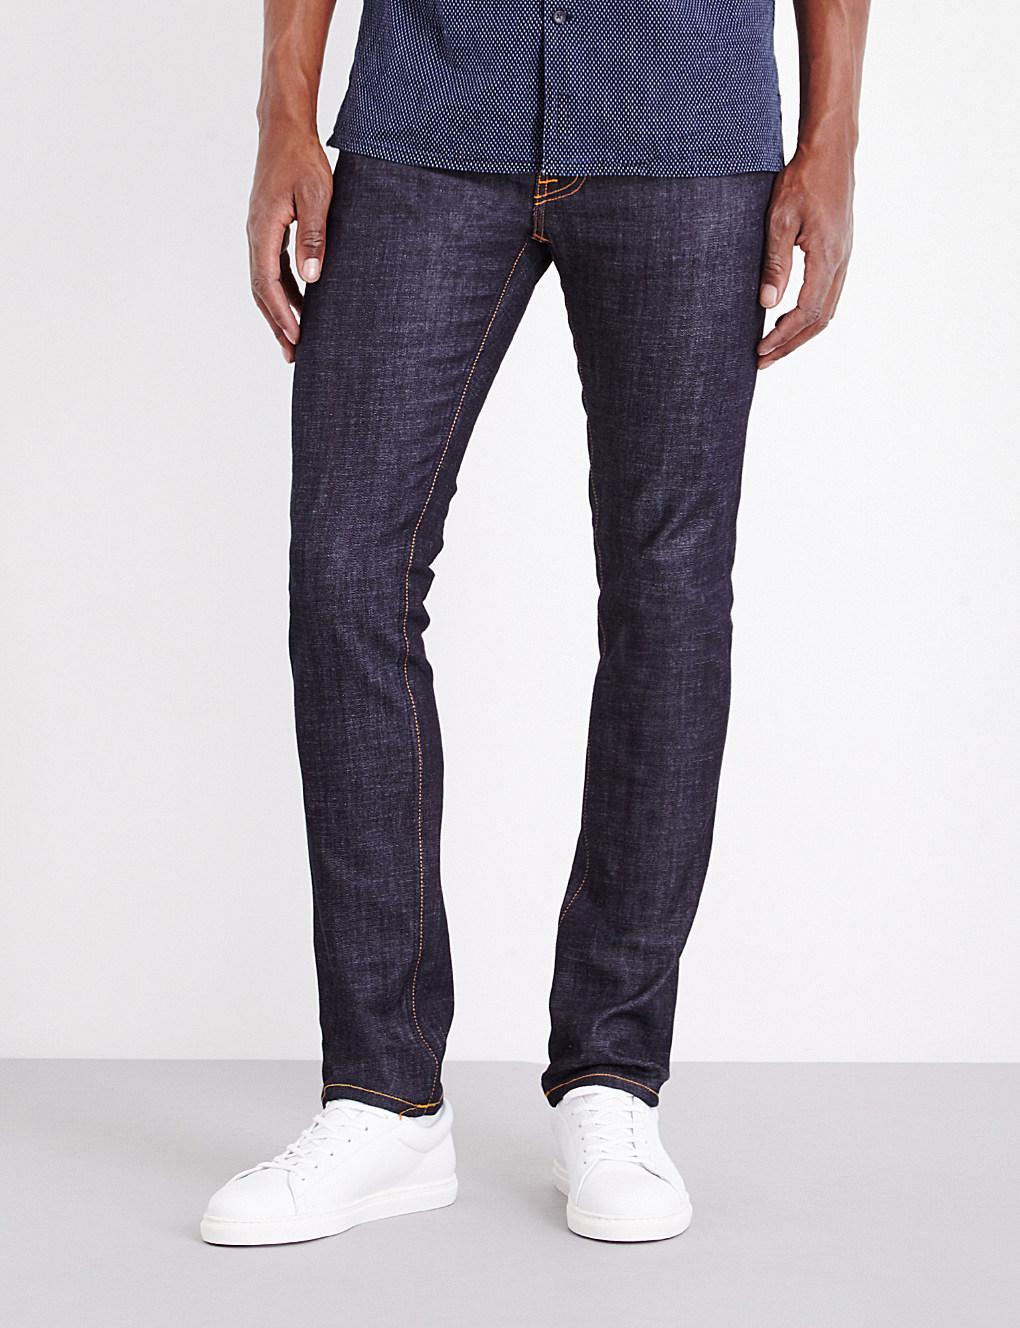 Nudie jeans selfridges